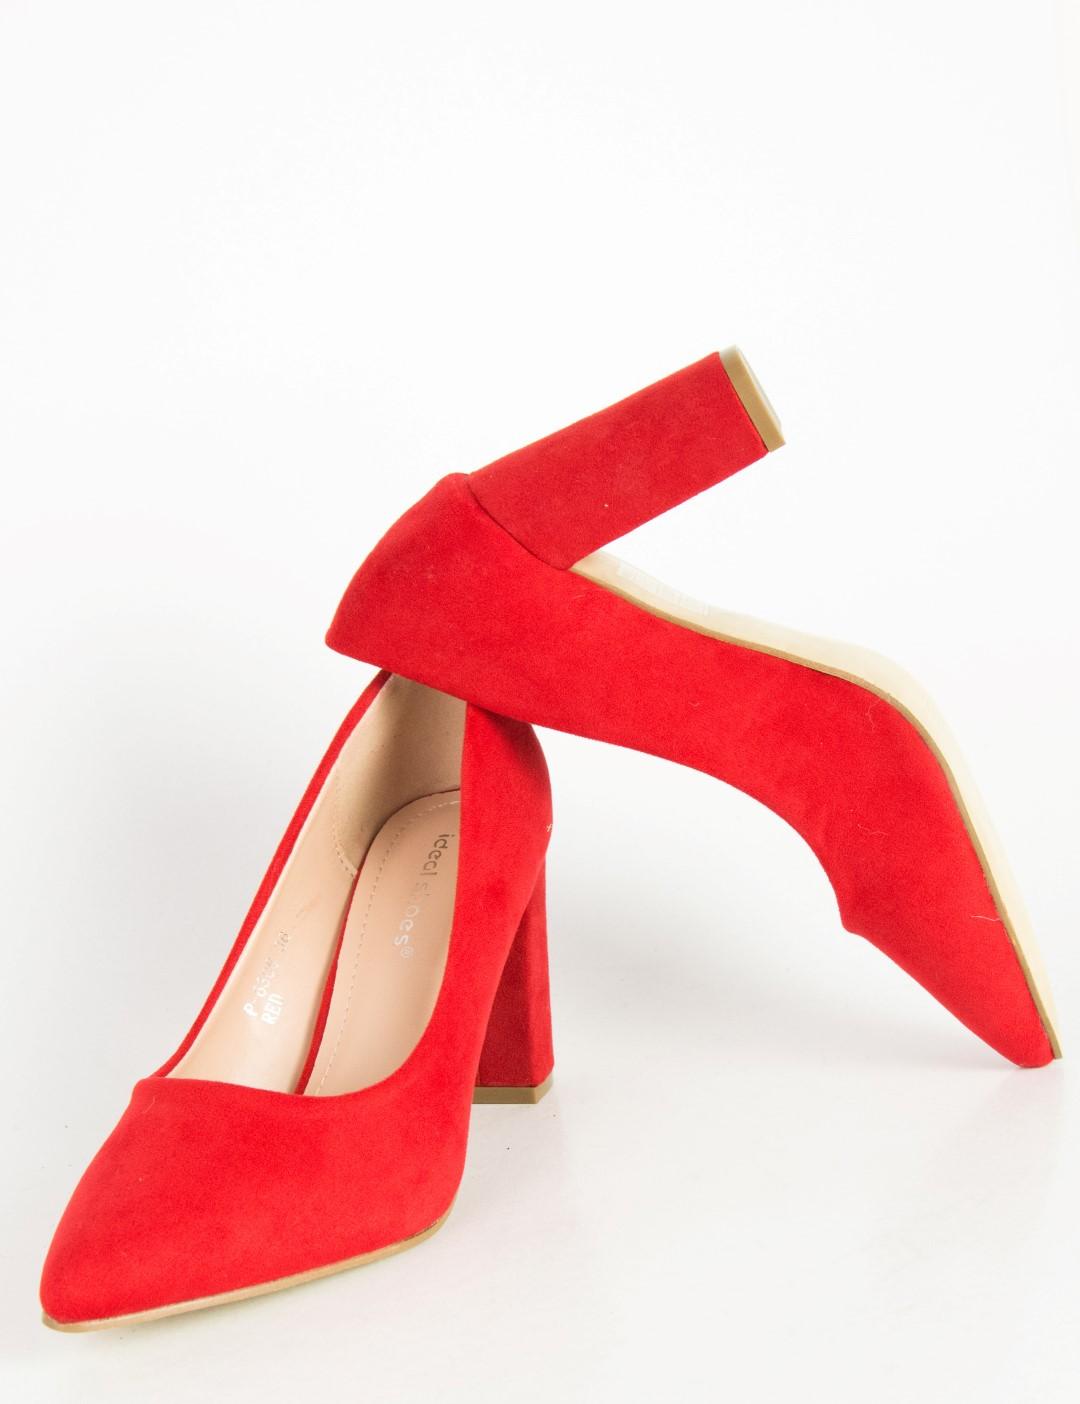 f58071ea680 Γυναικείες κόκκινες σουέντ γόβες χαμηλό χοντρό τακούνι P6386G